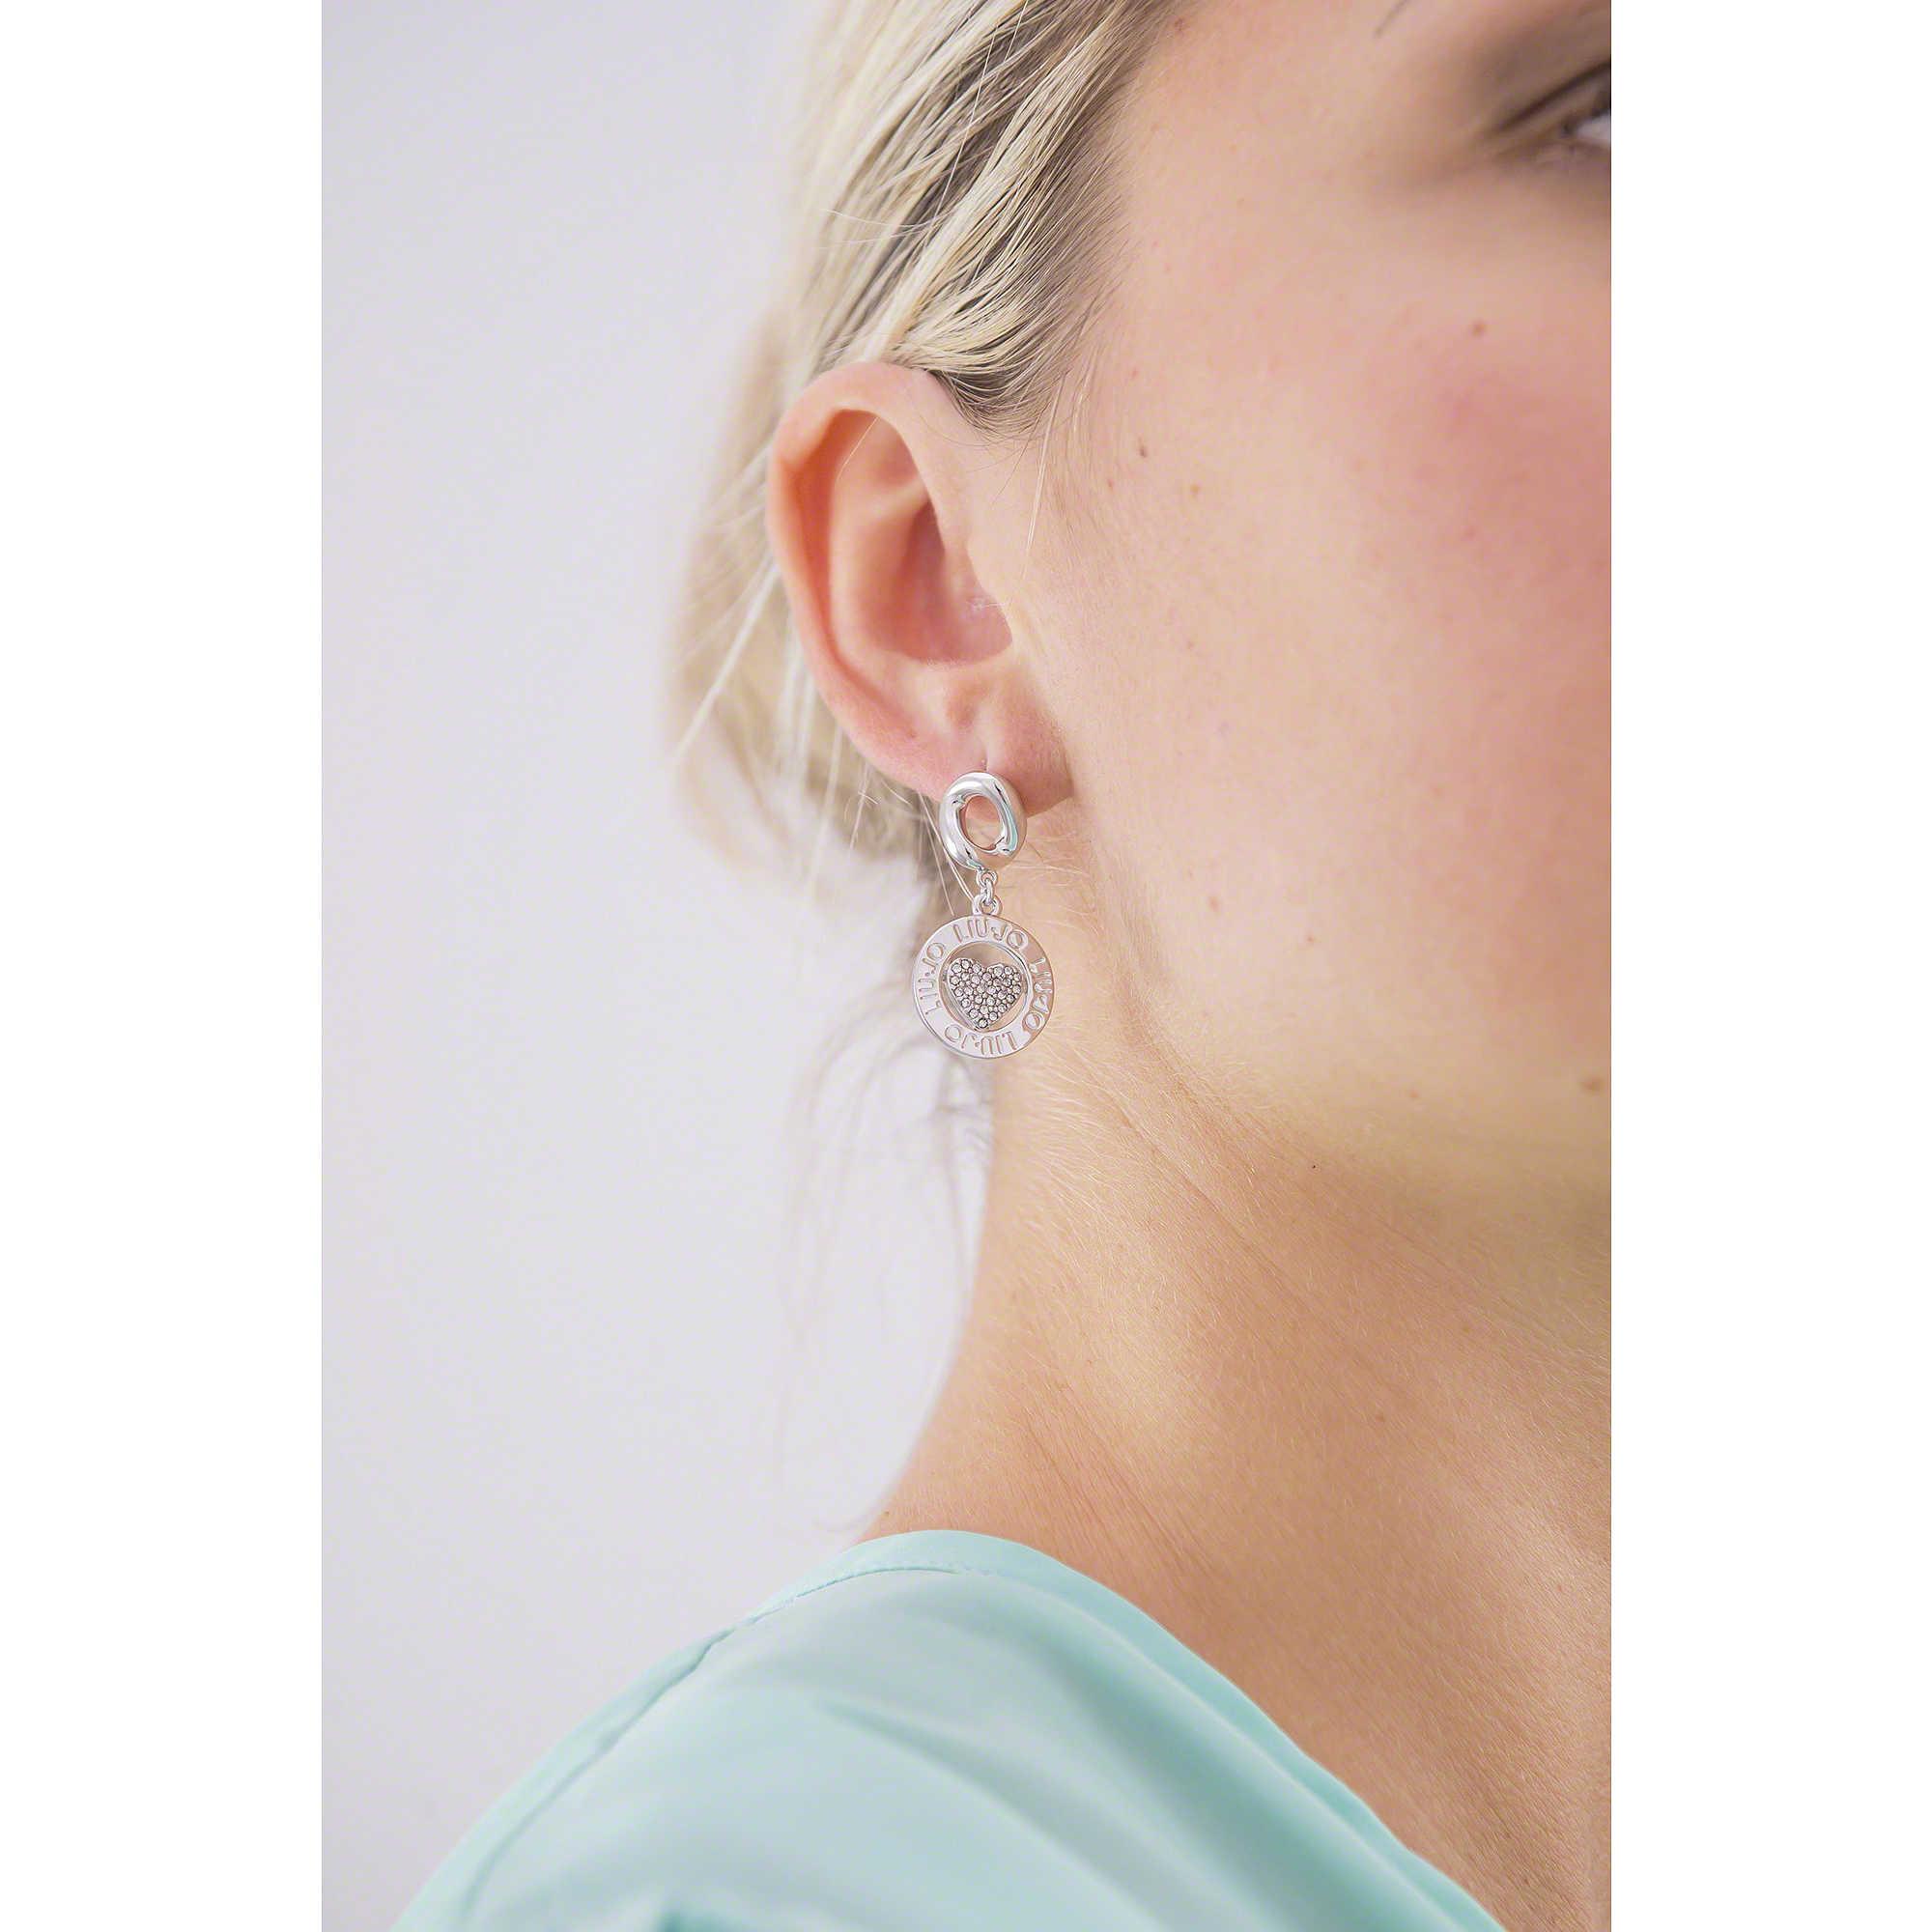 orecchini donna gioielli Liujo LJ975 orecchini Liujo outlet cf1b7c97a46